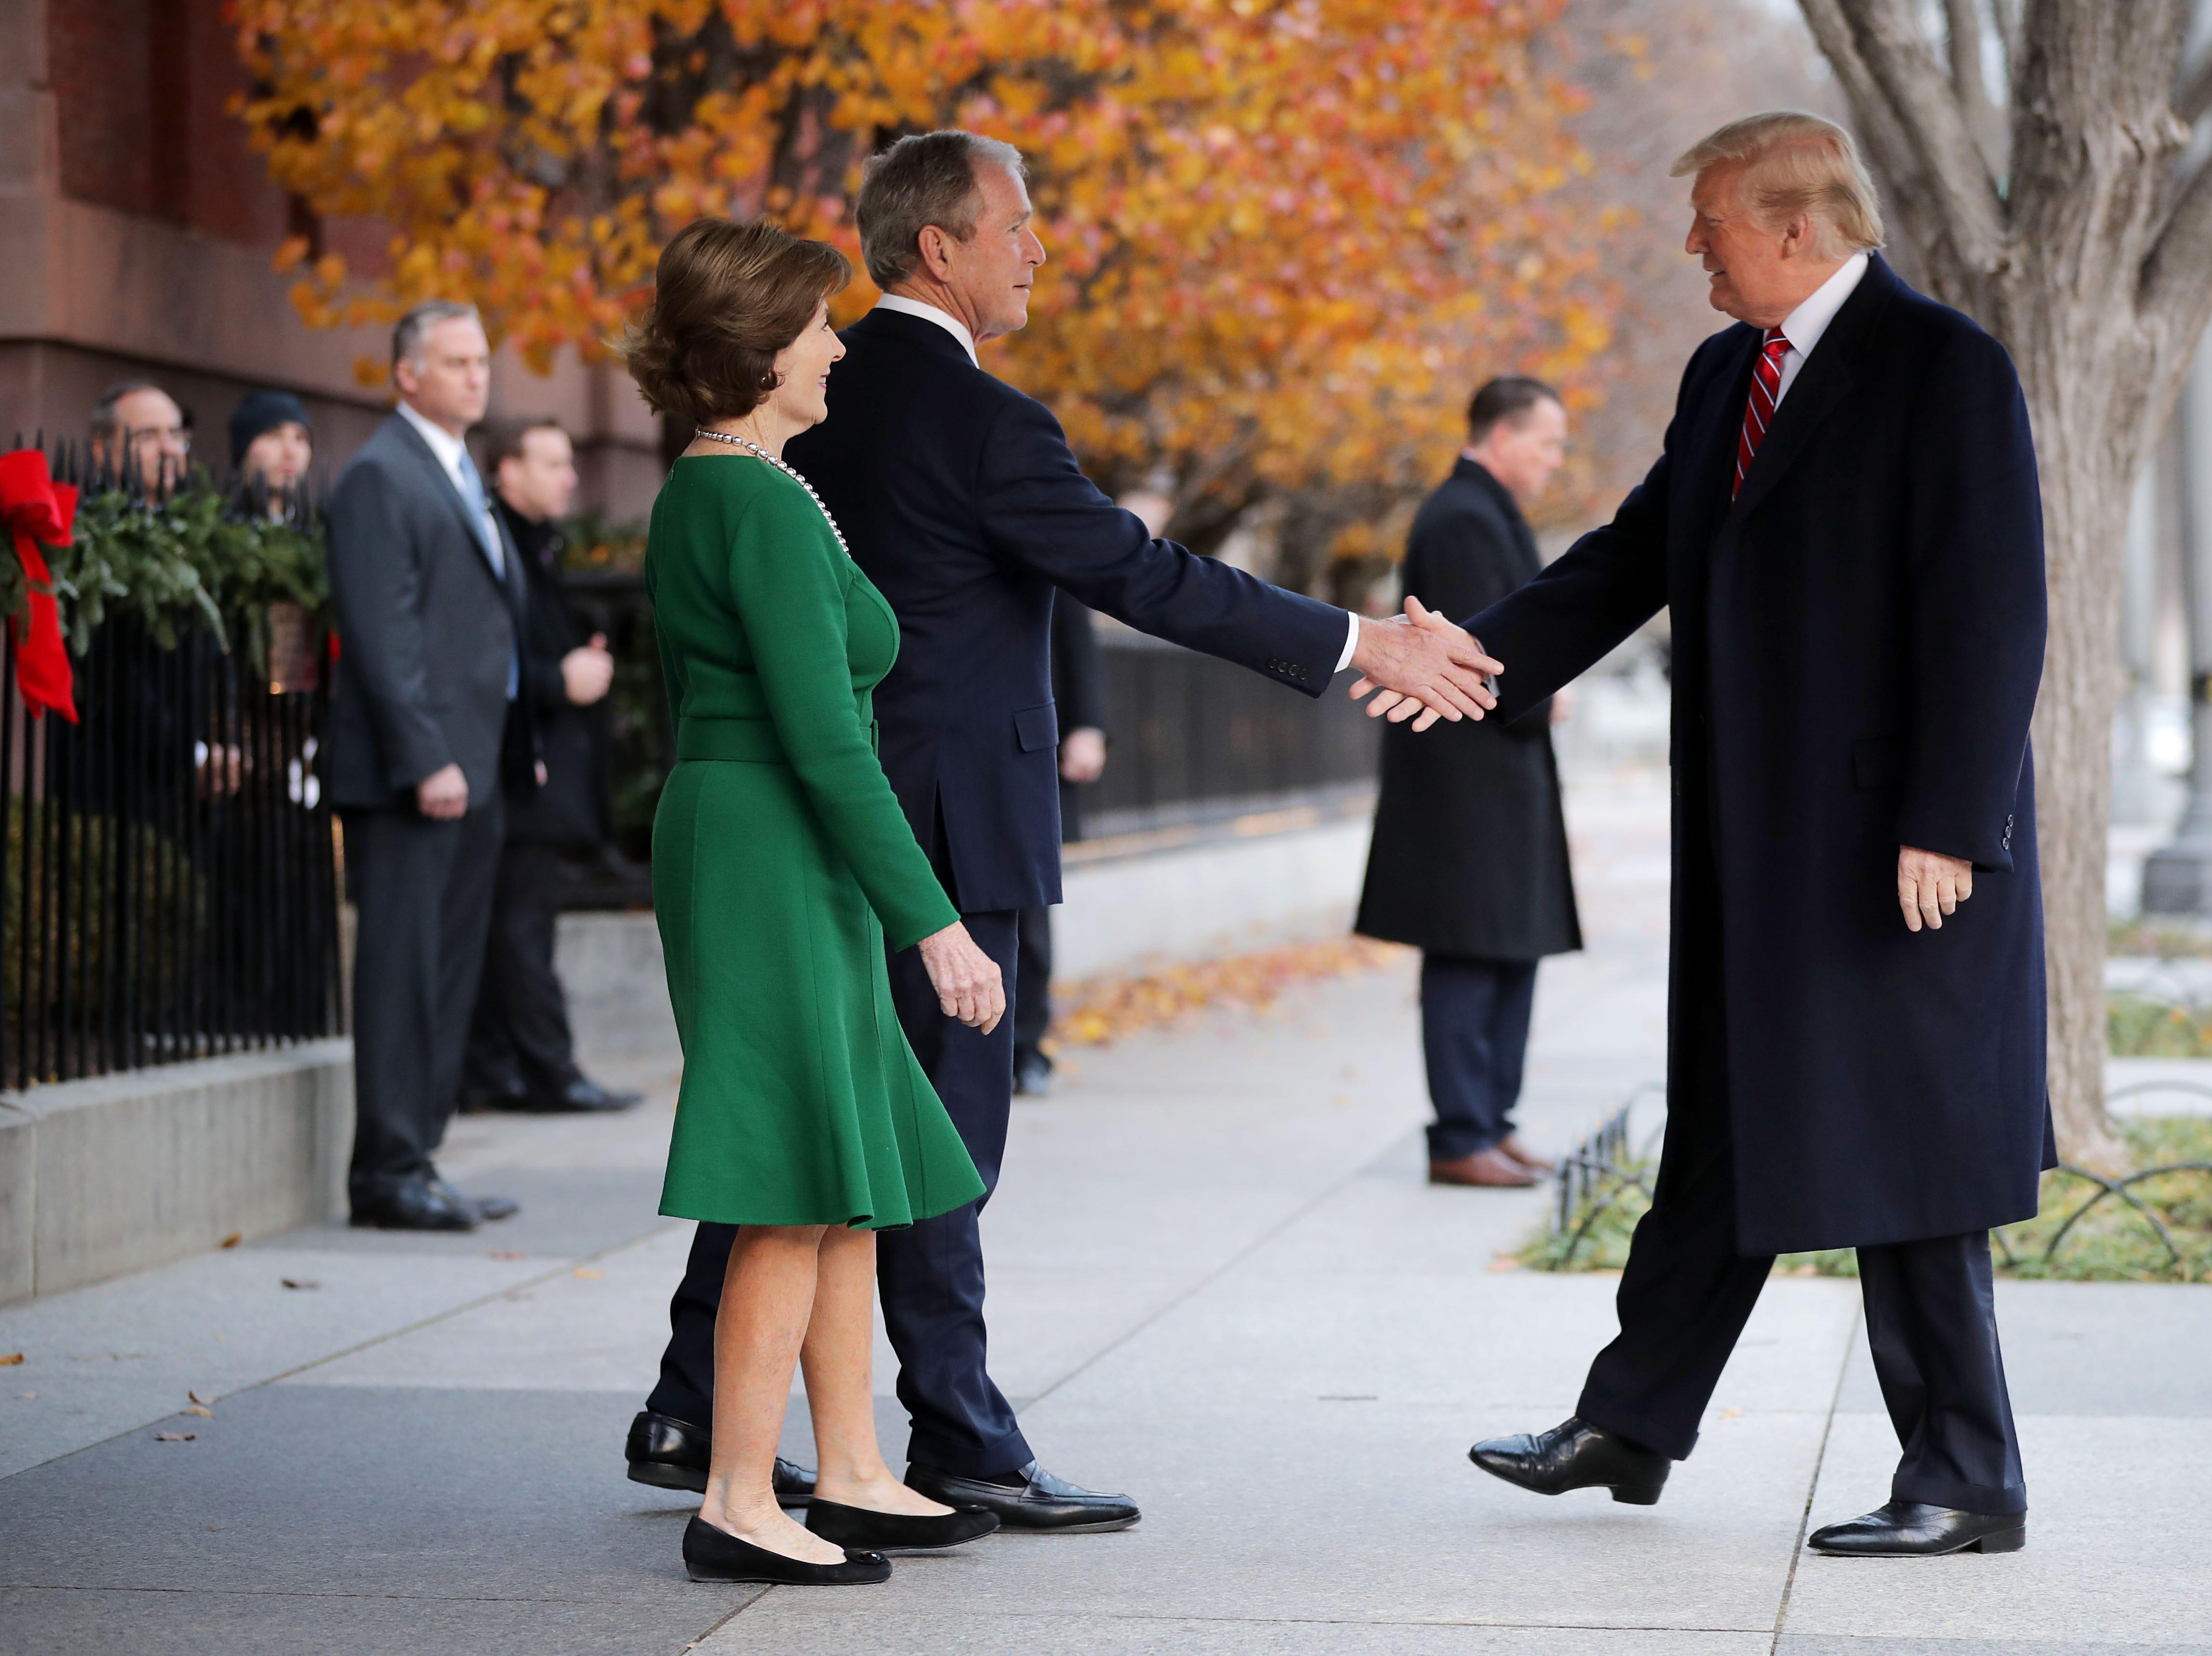 La ex primera dama Laura Bush y el ex presidente George W. Bush saludan al presidente Donald Trump en las afueras de Blair House el 4 de diciembre de 2018 en Washington, DC.